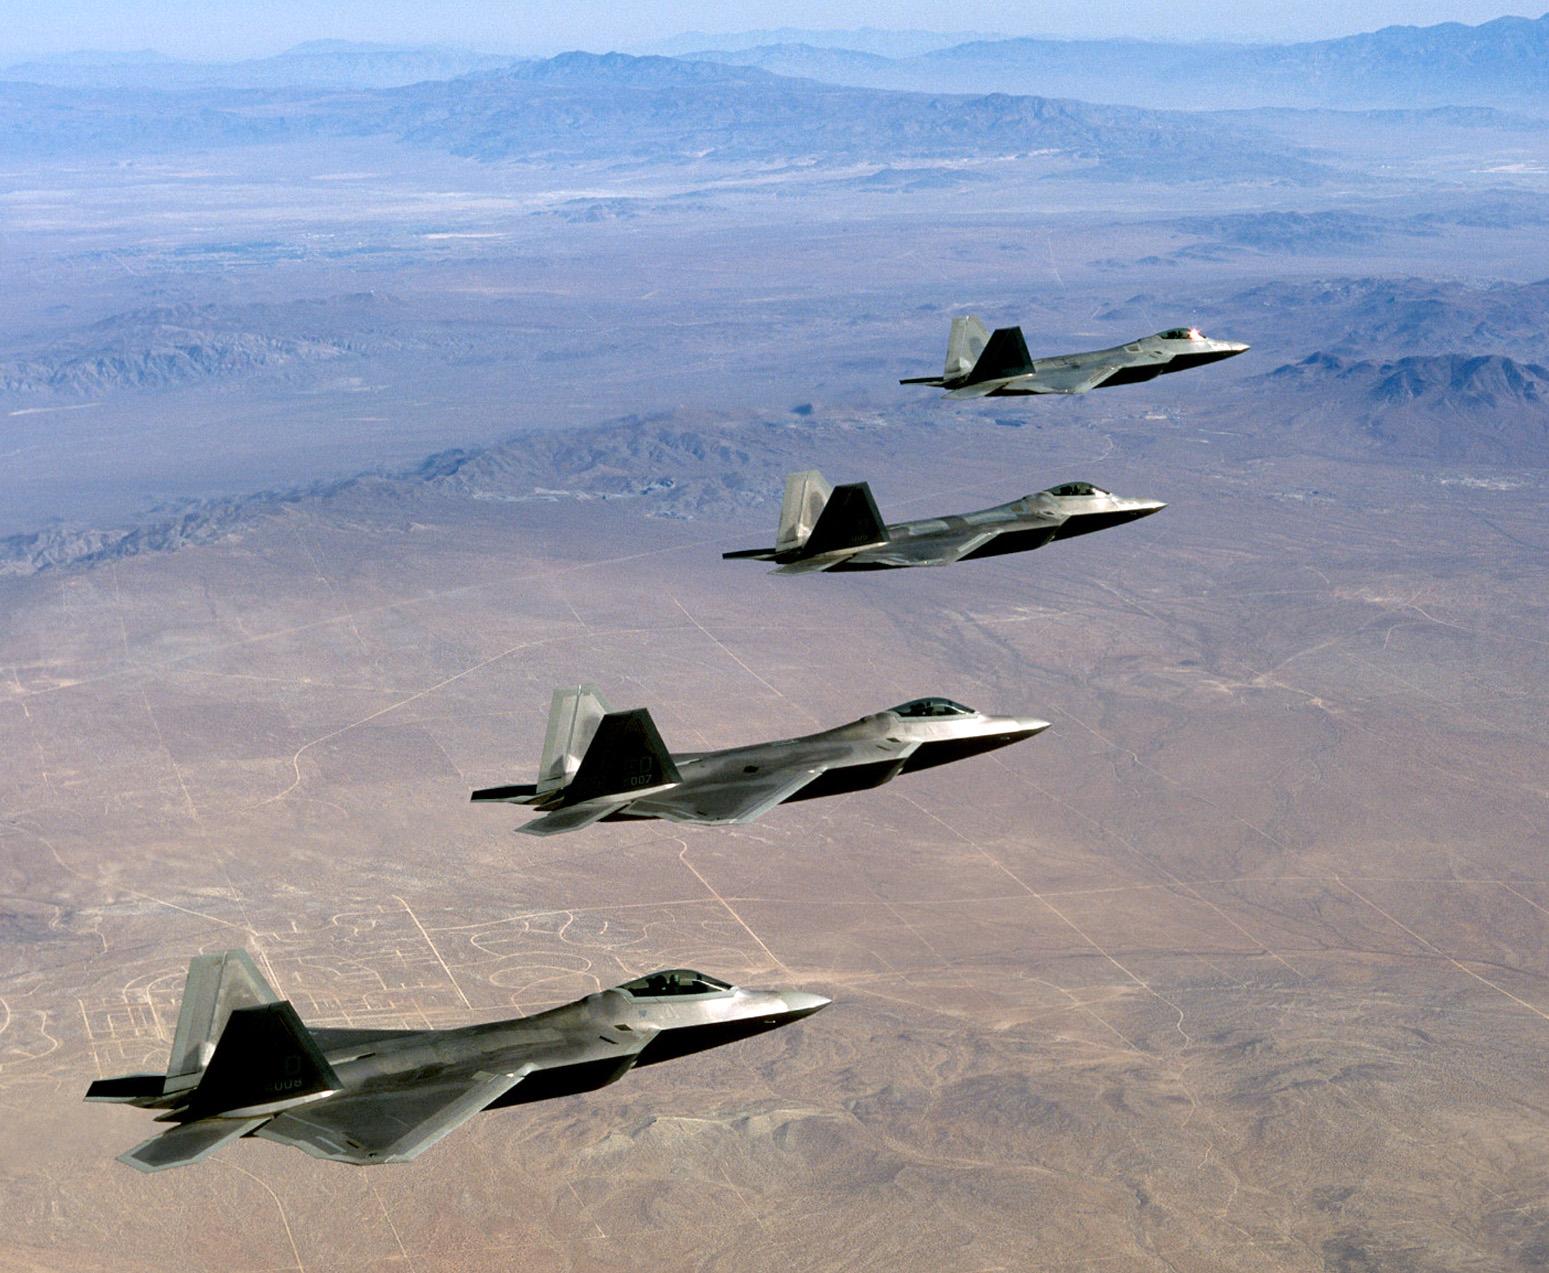 F-22_Raptor_formation_over_Mojave_-_030915-F-0000J-011.jpg